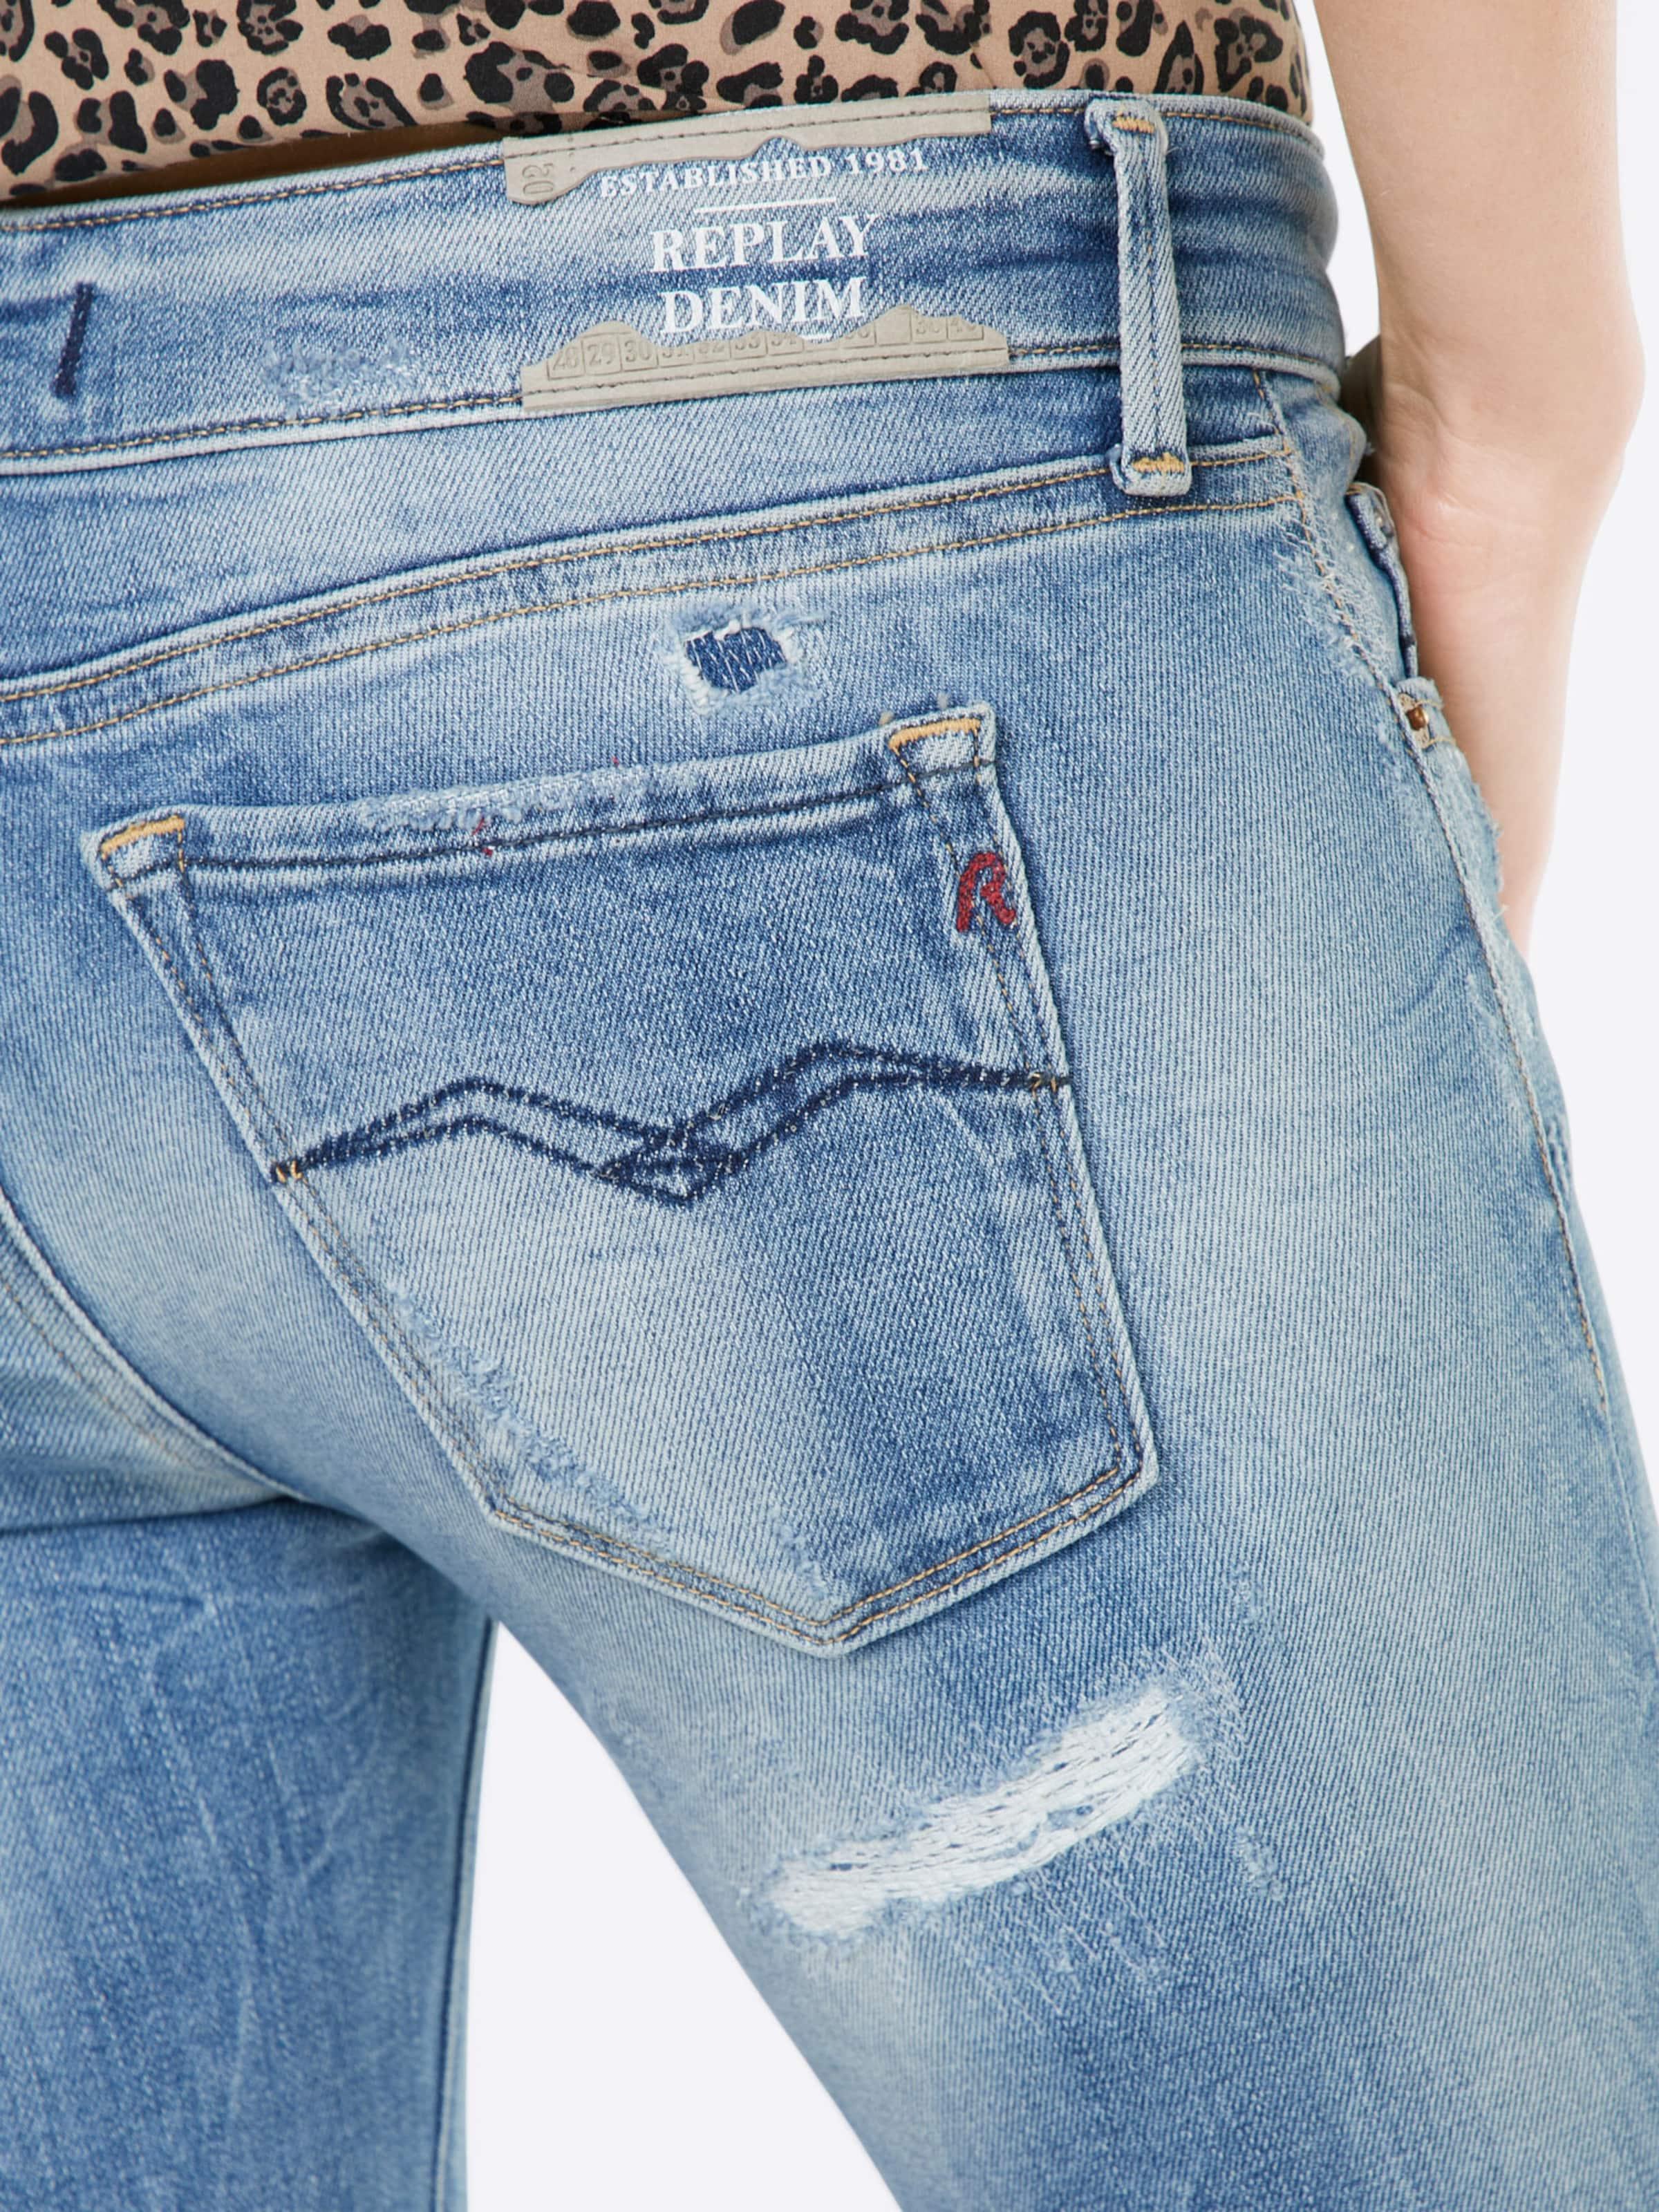 REPLAY Slim Fit Jeans 'LUZ' Spielraum Billigsten Billige Veröffentlichungstermine nUDlpqQP5